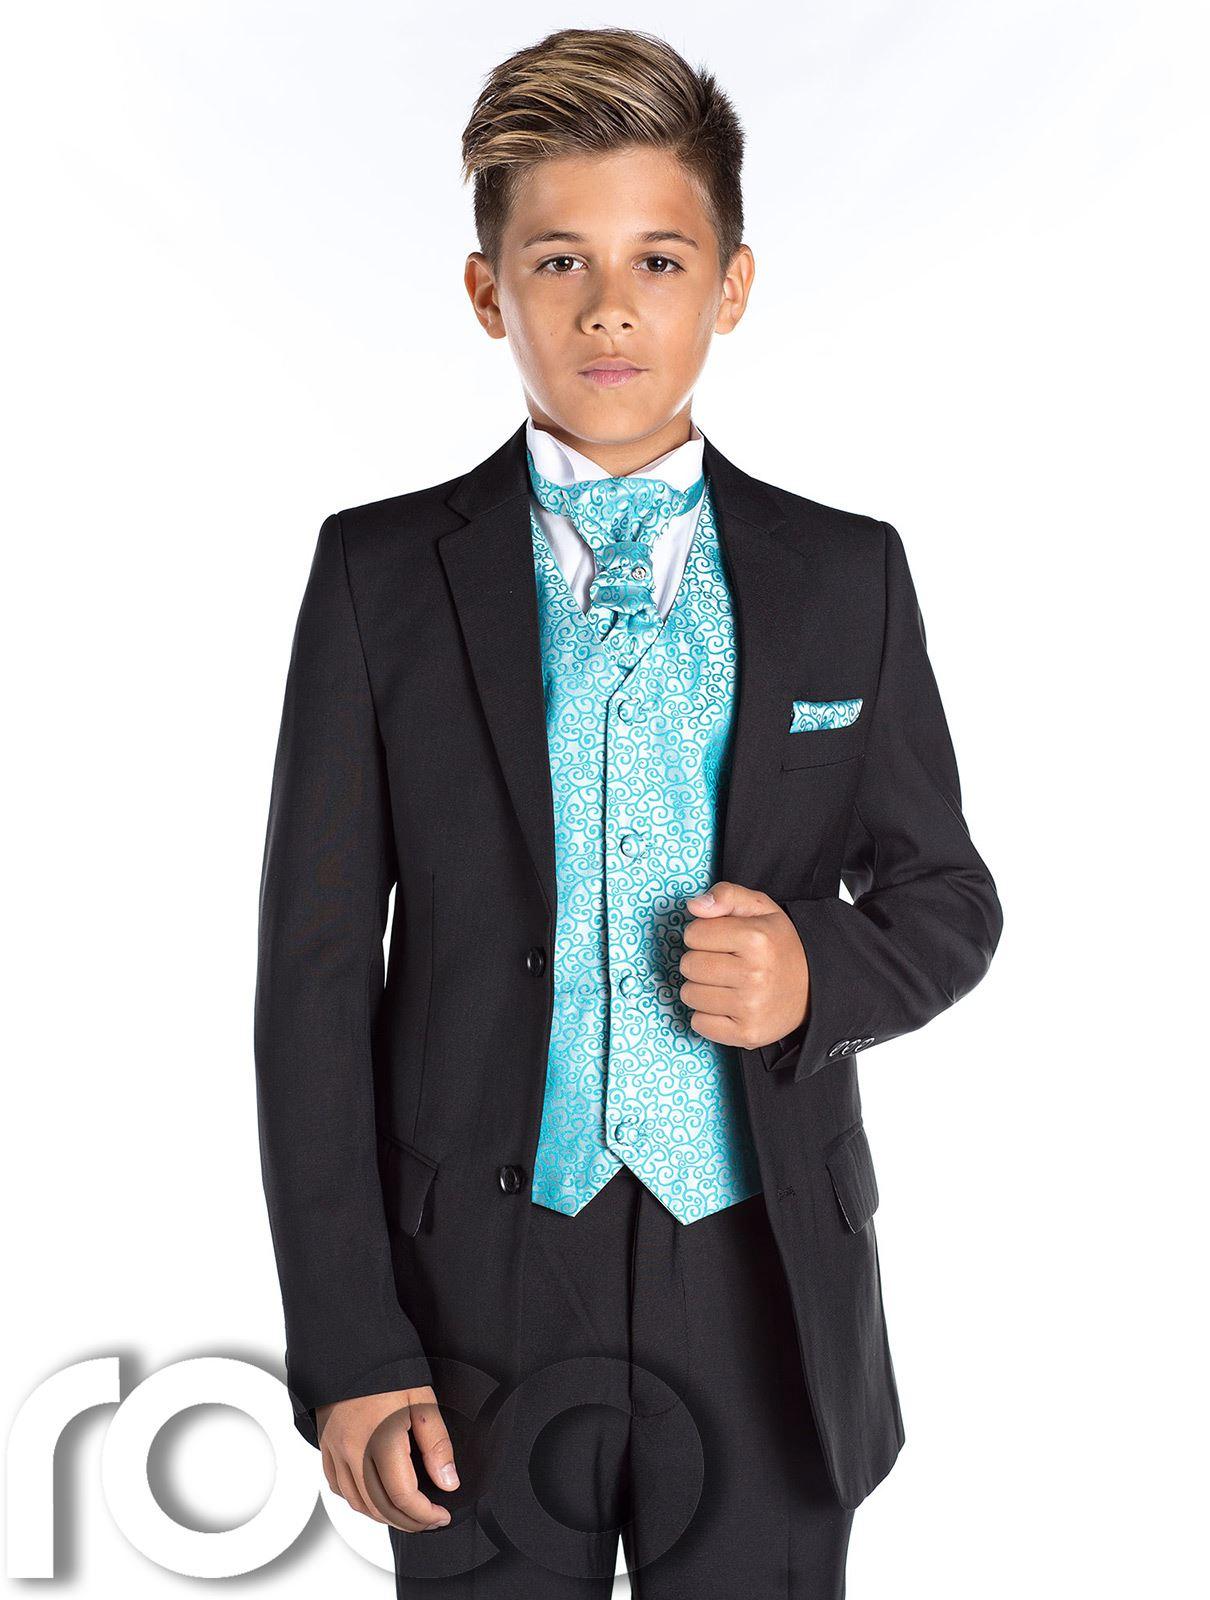 Boys Black Wedding Suit, Page Boy Suit, Boys Formal Suit, Black Suit